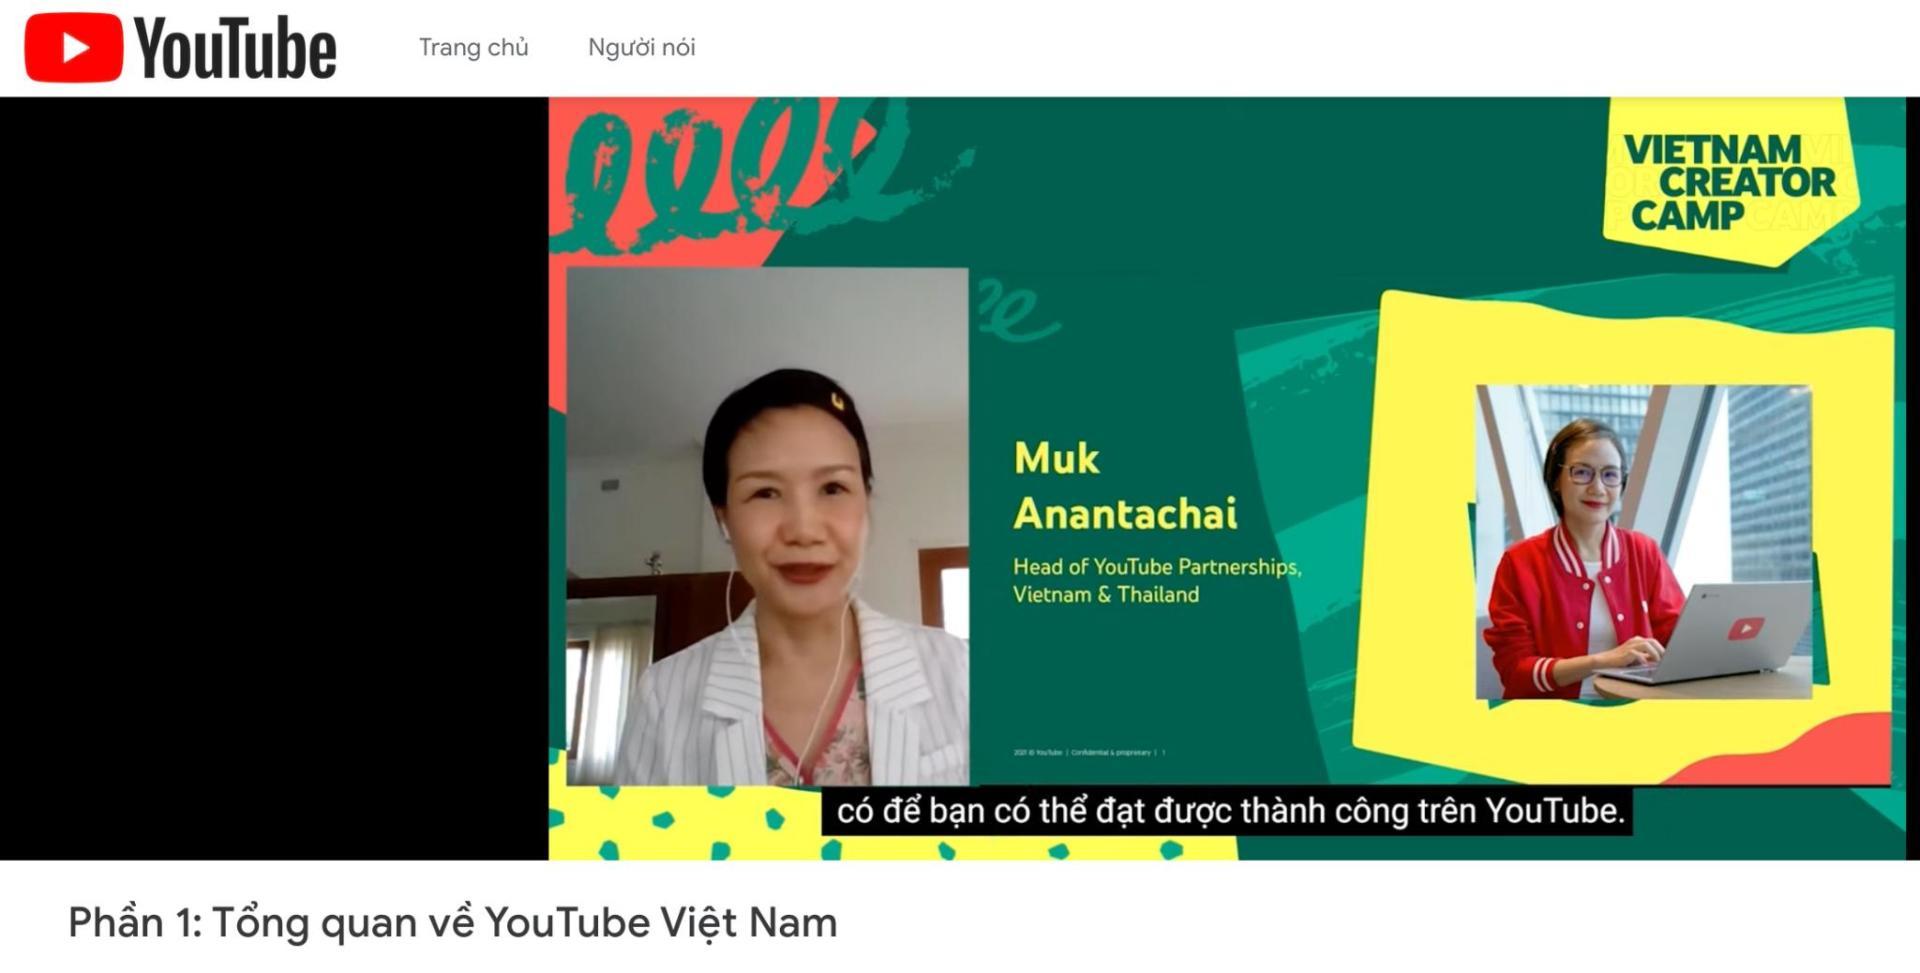 Sự kiện YouTube Creator Camp 2021 hỗ trợ cộng đồng nhà sáng tạo Việt Nam trong bối cảnh Covid-19